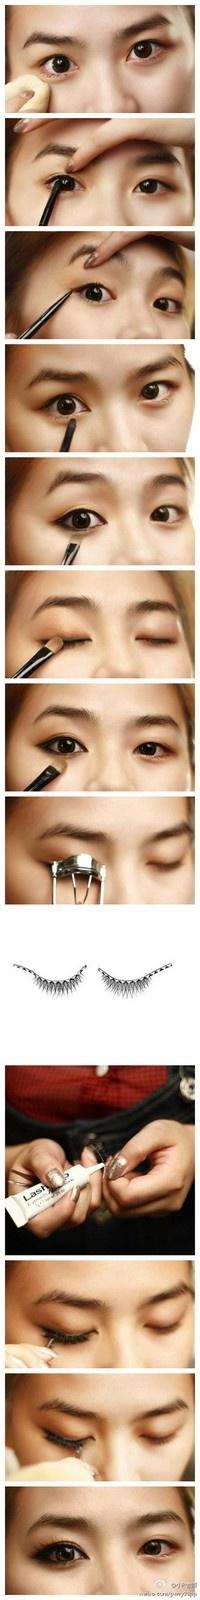 Trucos y tutorial para maquillar ojos pequeños